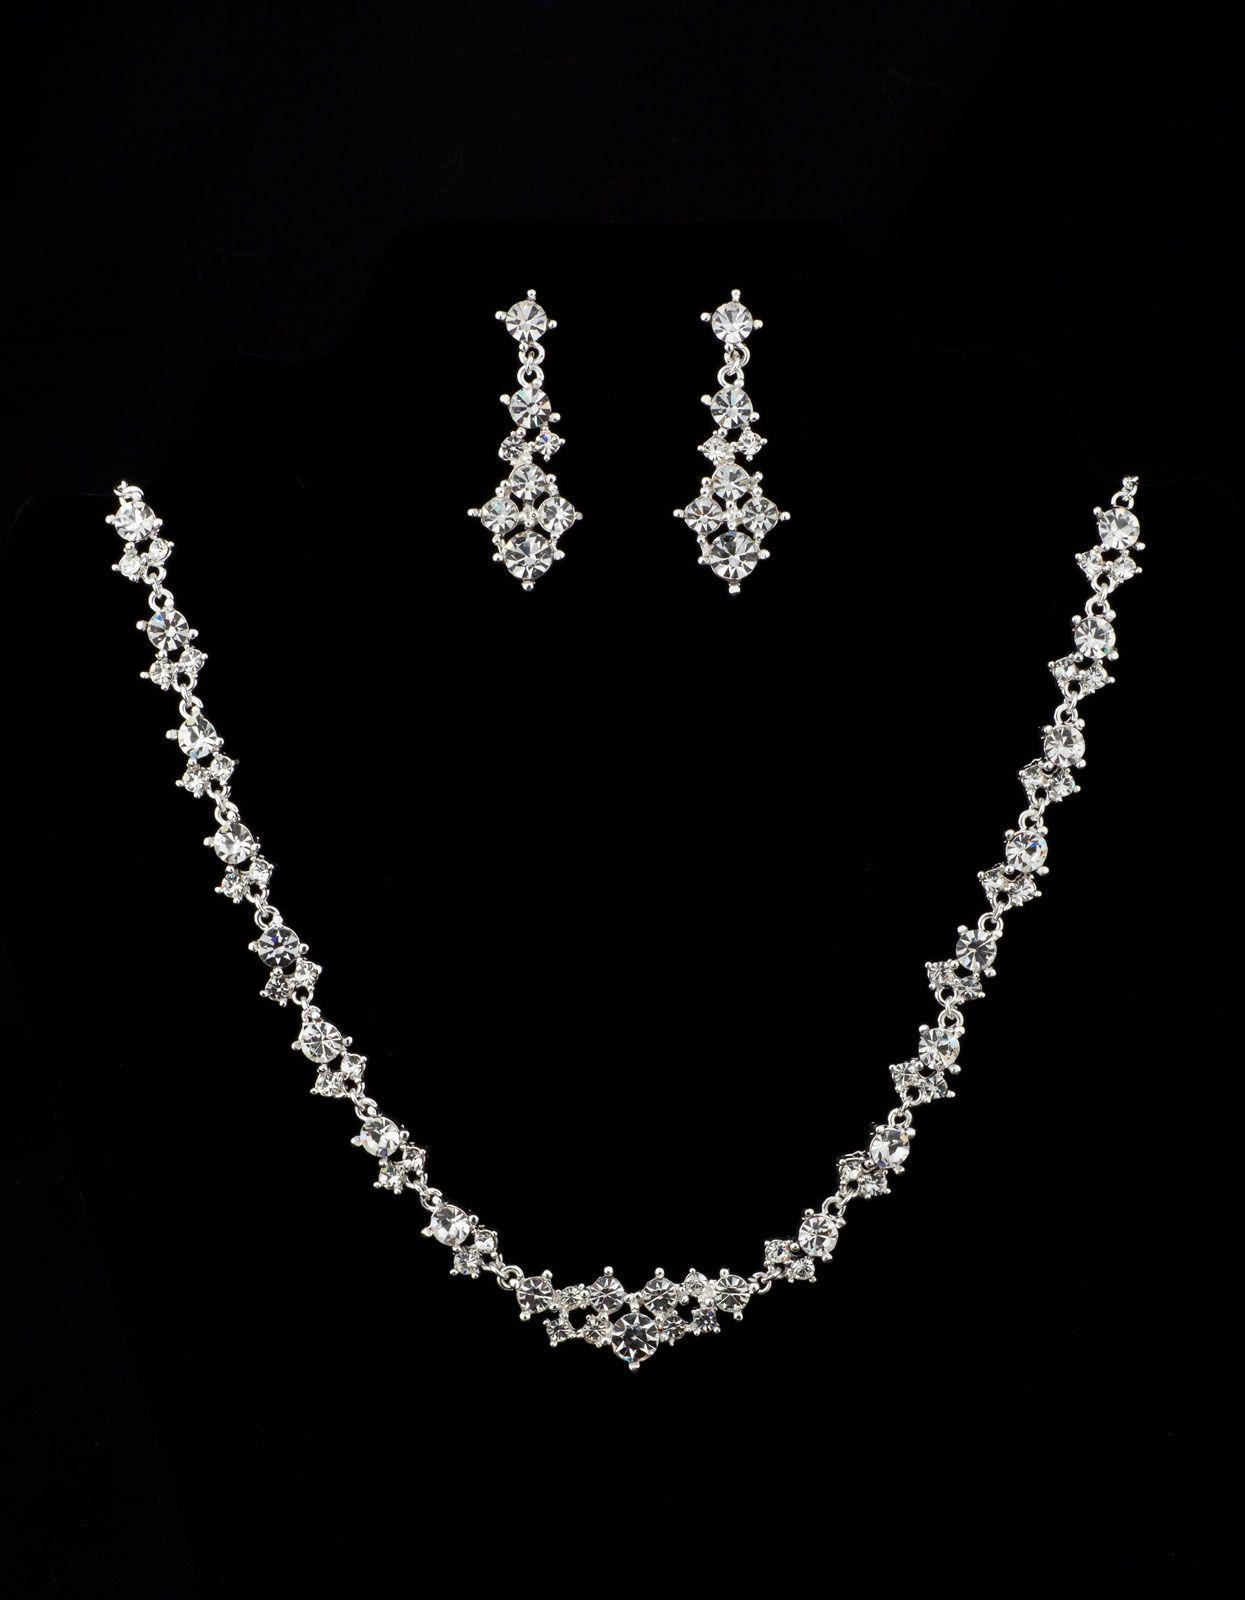 Bridal classics necklace sets mj 259 - Mj 28 Bridal Classics